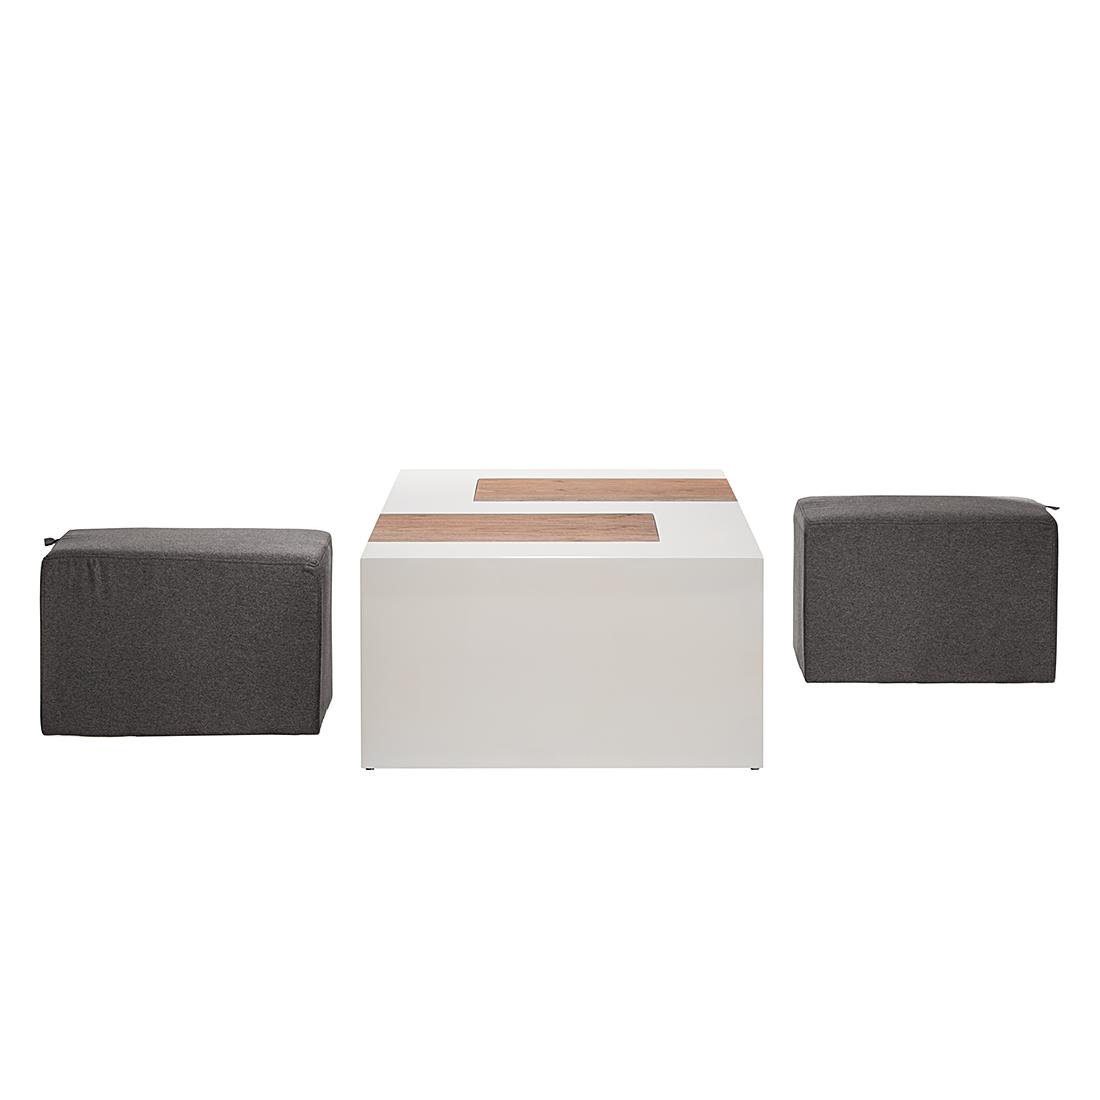 Couchtisch 2 hocker set beistelltisch wohnzimmer couch for Wohnzimmertisch ebay